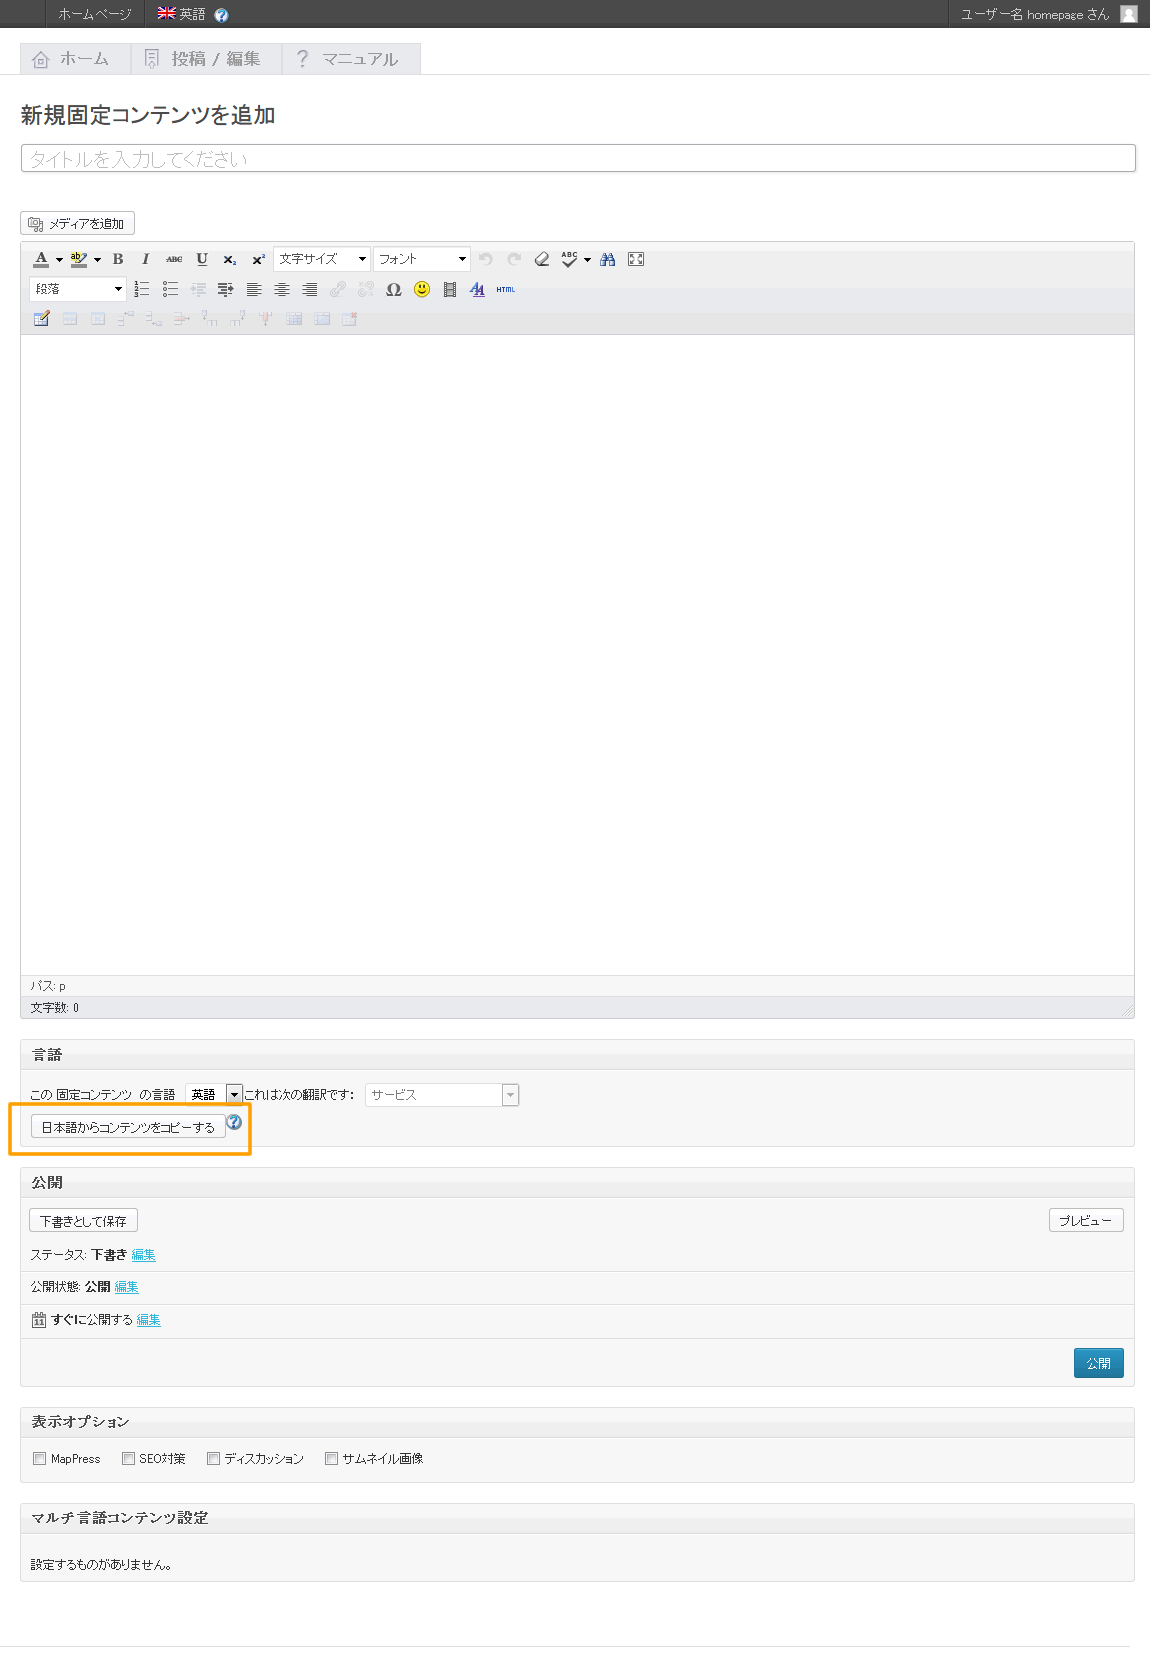 管理画面 固定コンテンツ 新規追加 | 簡単格安ホームページ作成サイト - FunMaker